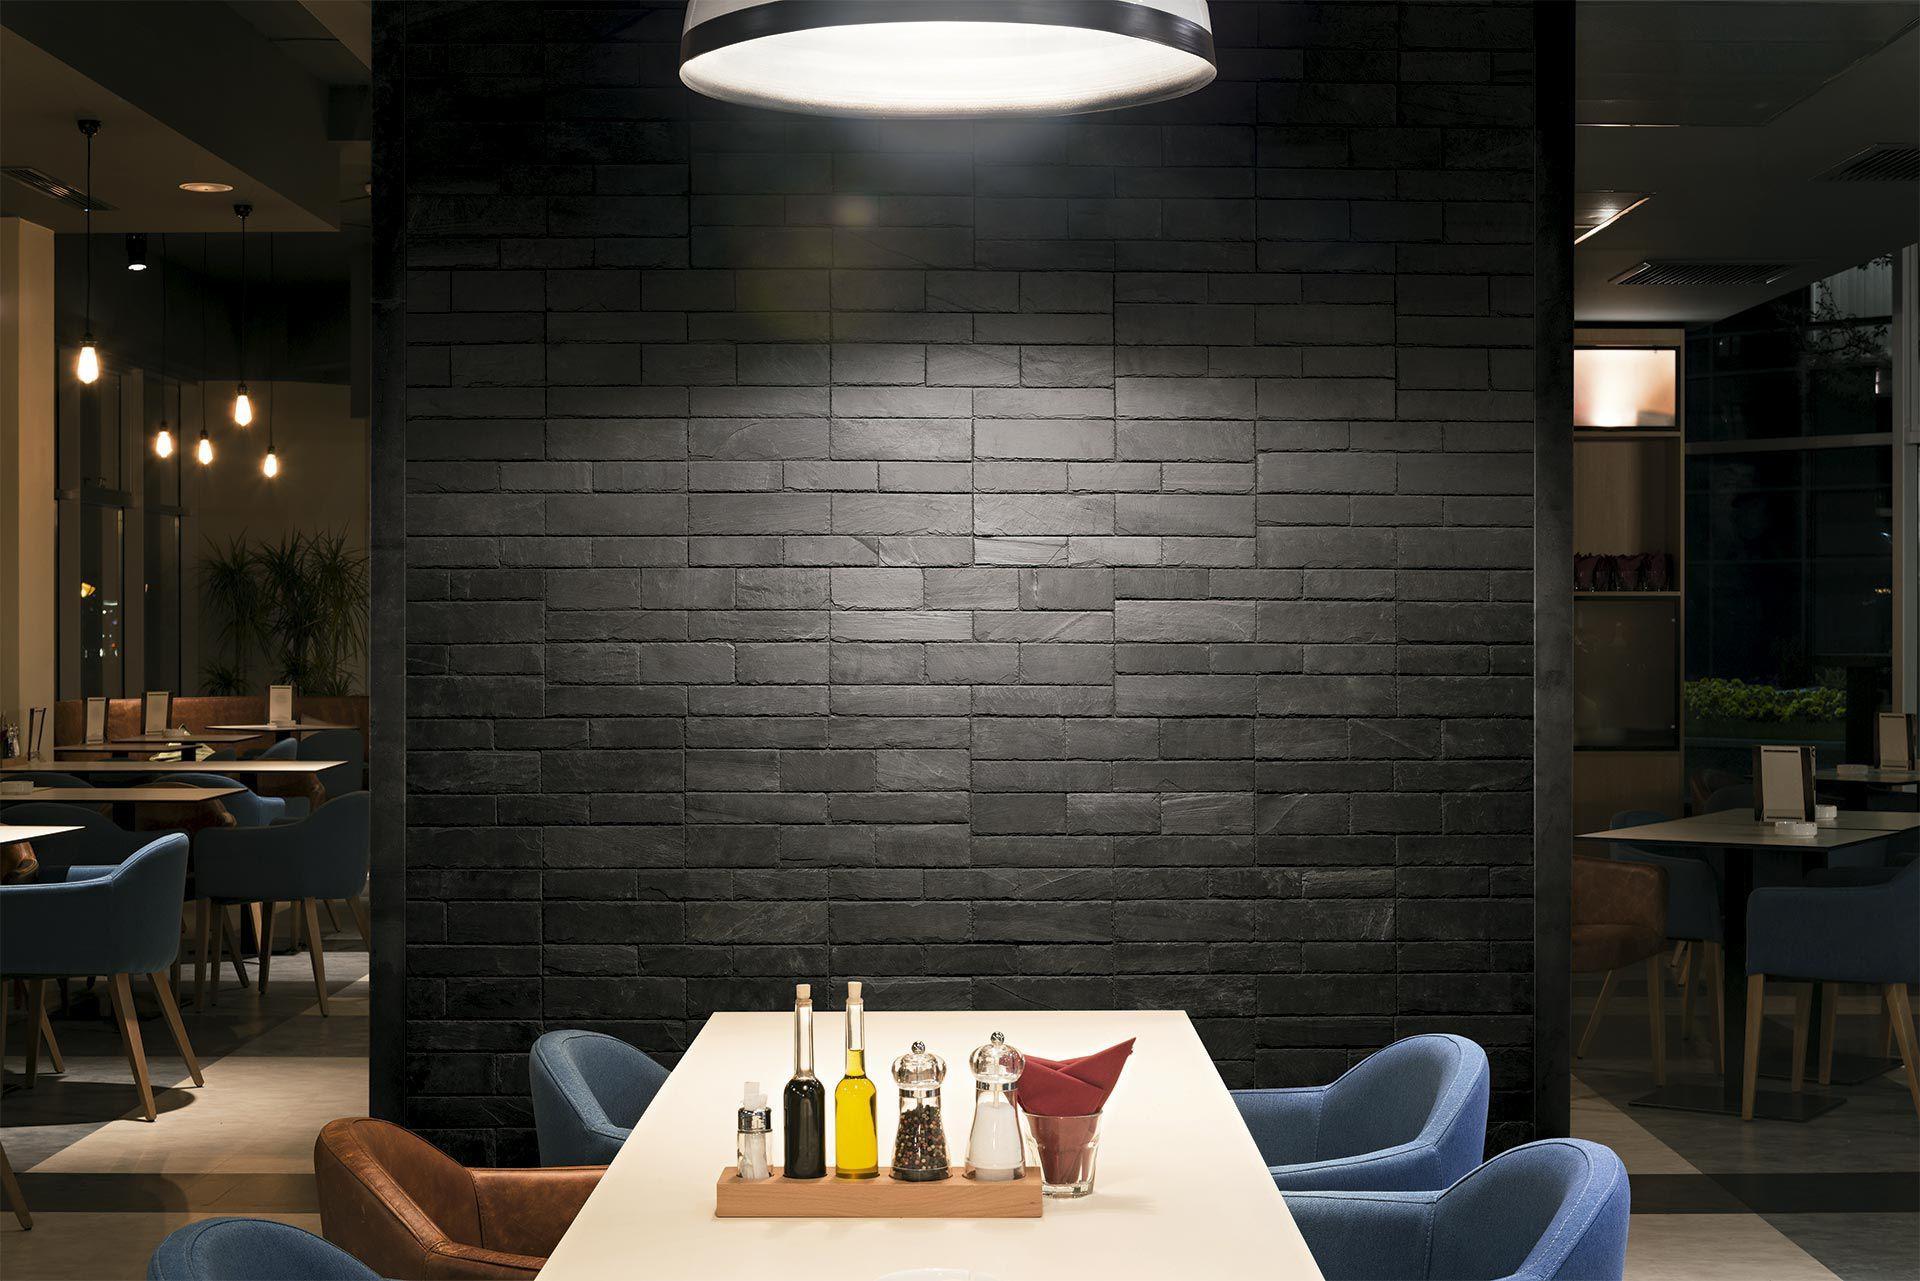 Mur Parement Interieur Ardoise plaquette de parement en ardoise / d'intérieur / texturée